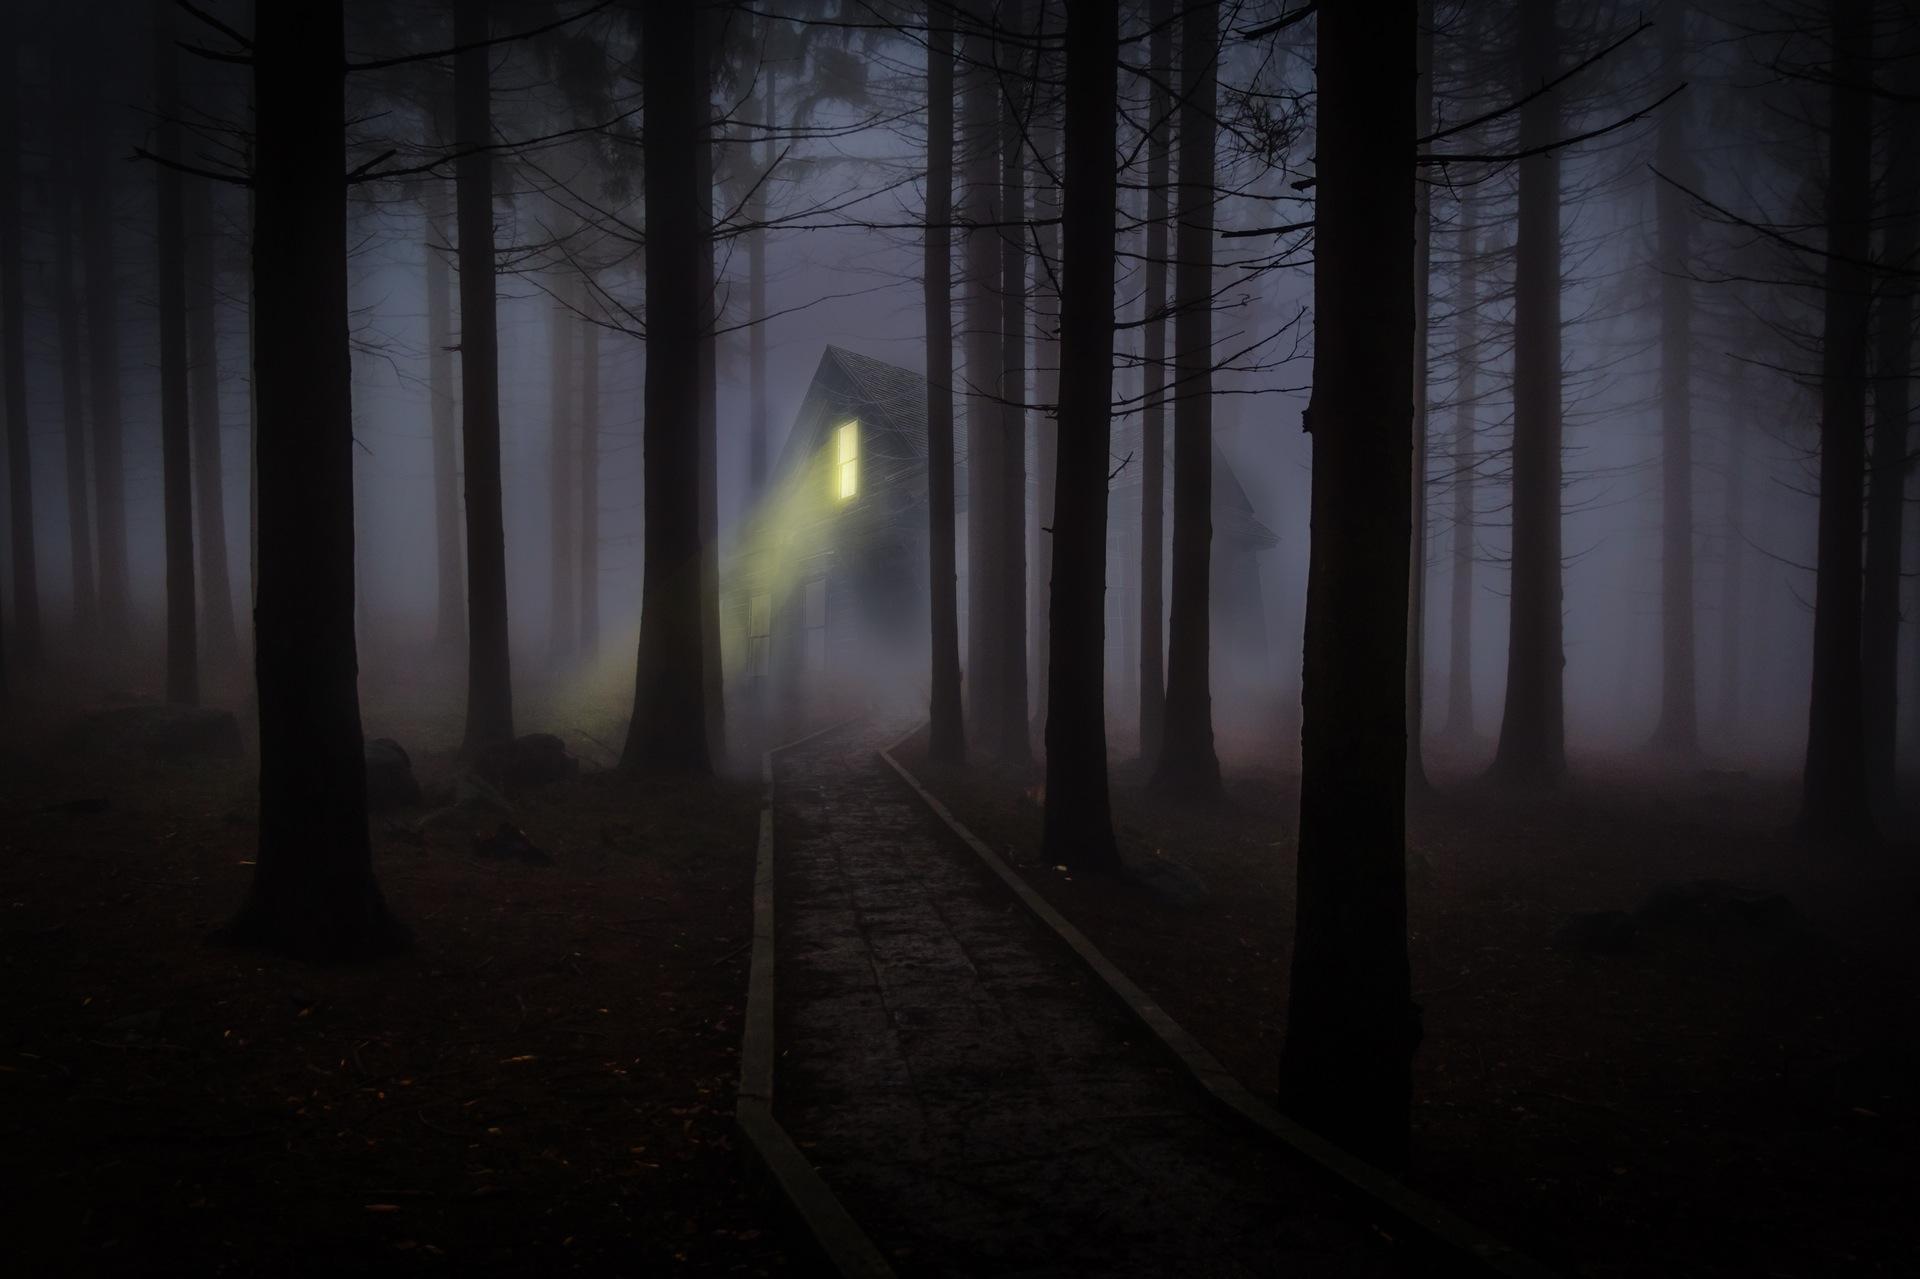 através, trem, nevoeiro, Casa, floresta - Papéis de parede HD - Professor-falken.com